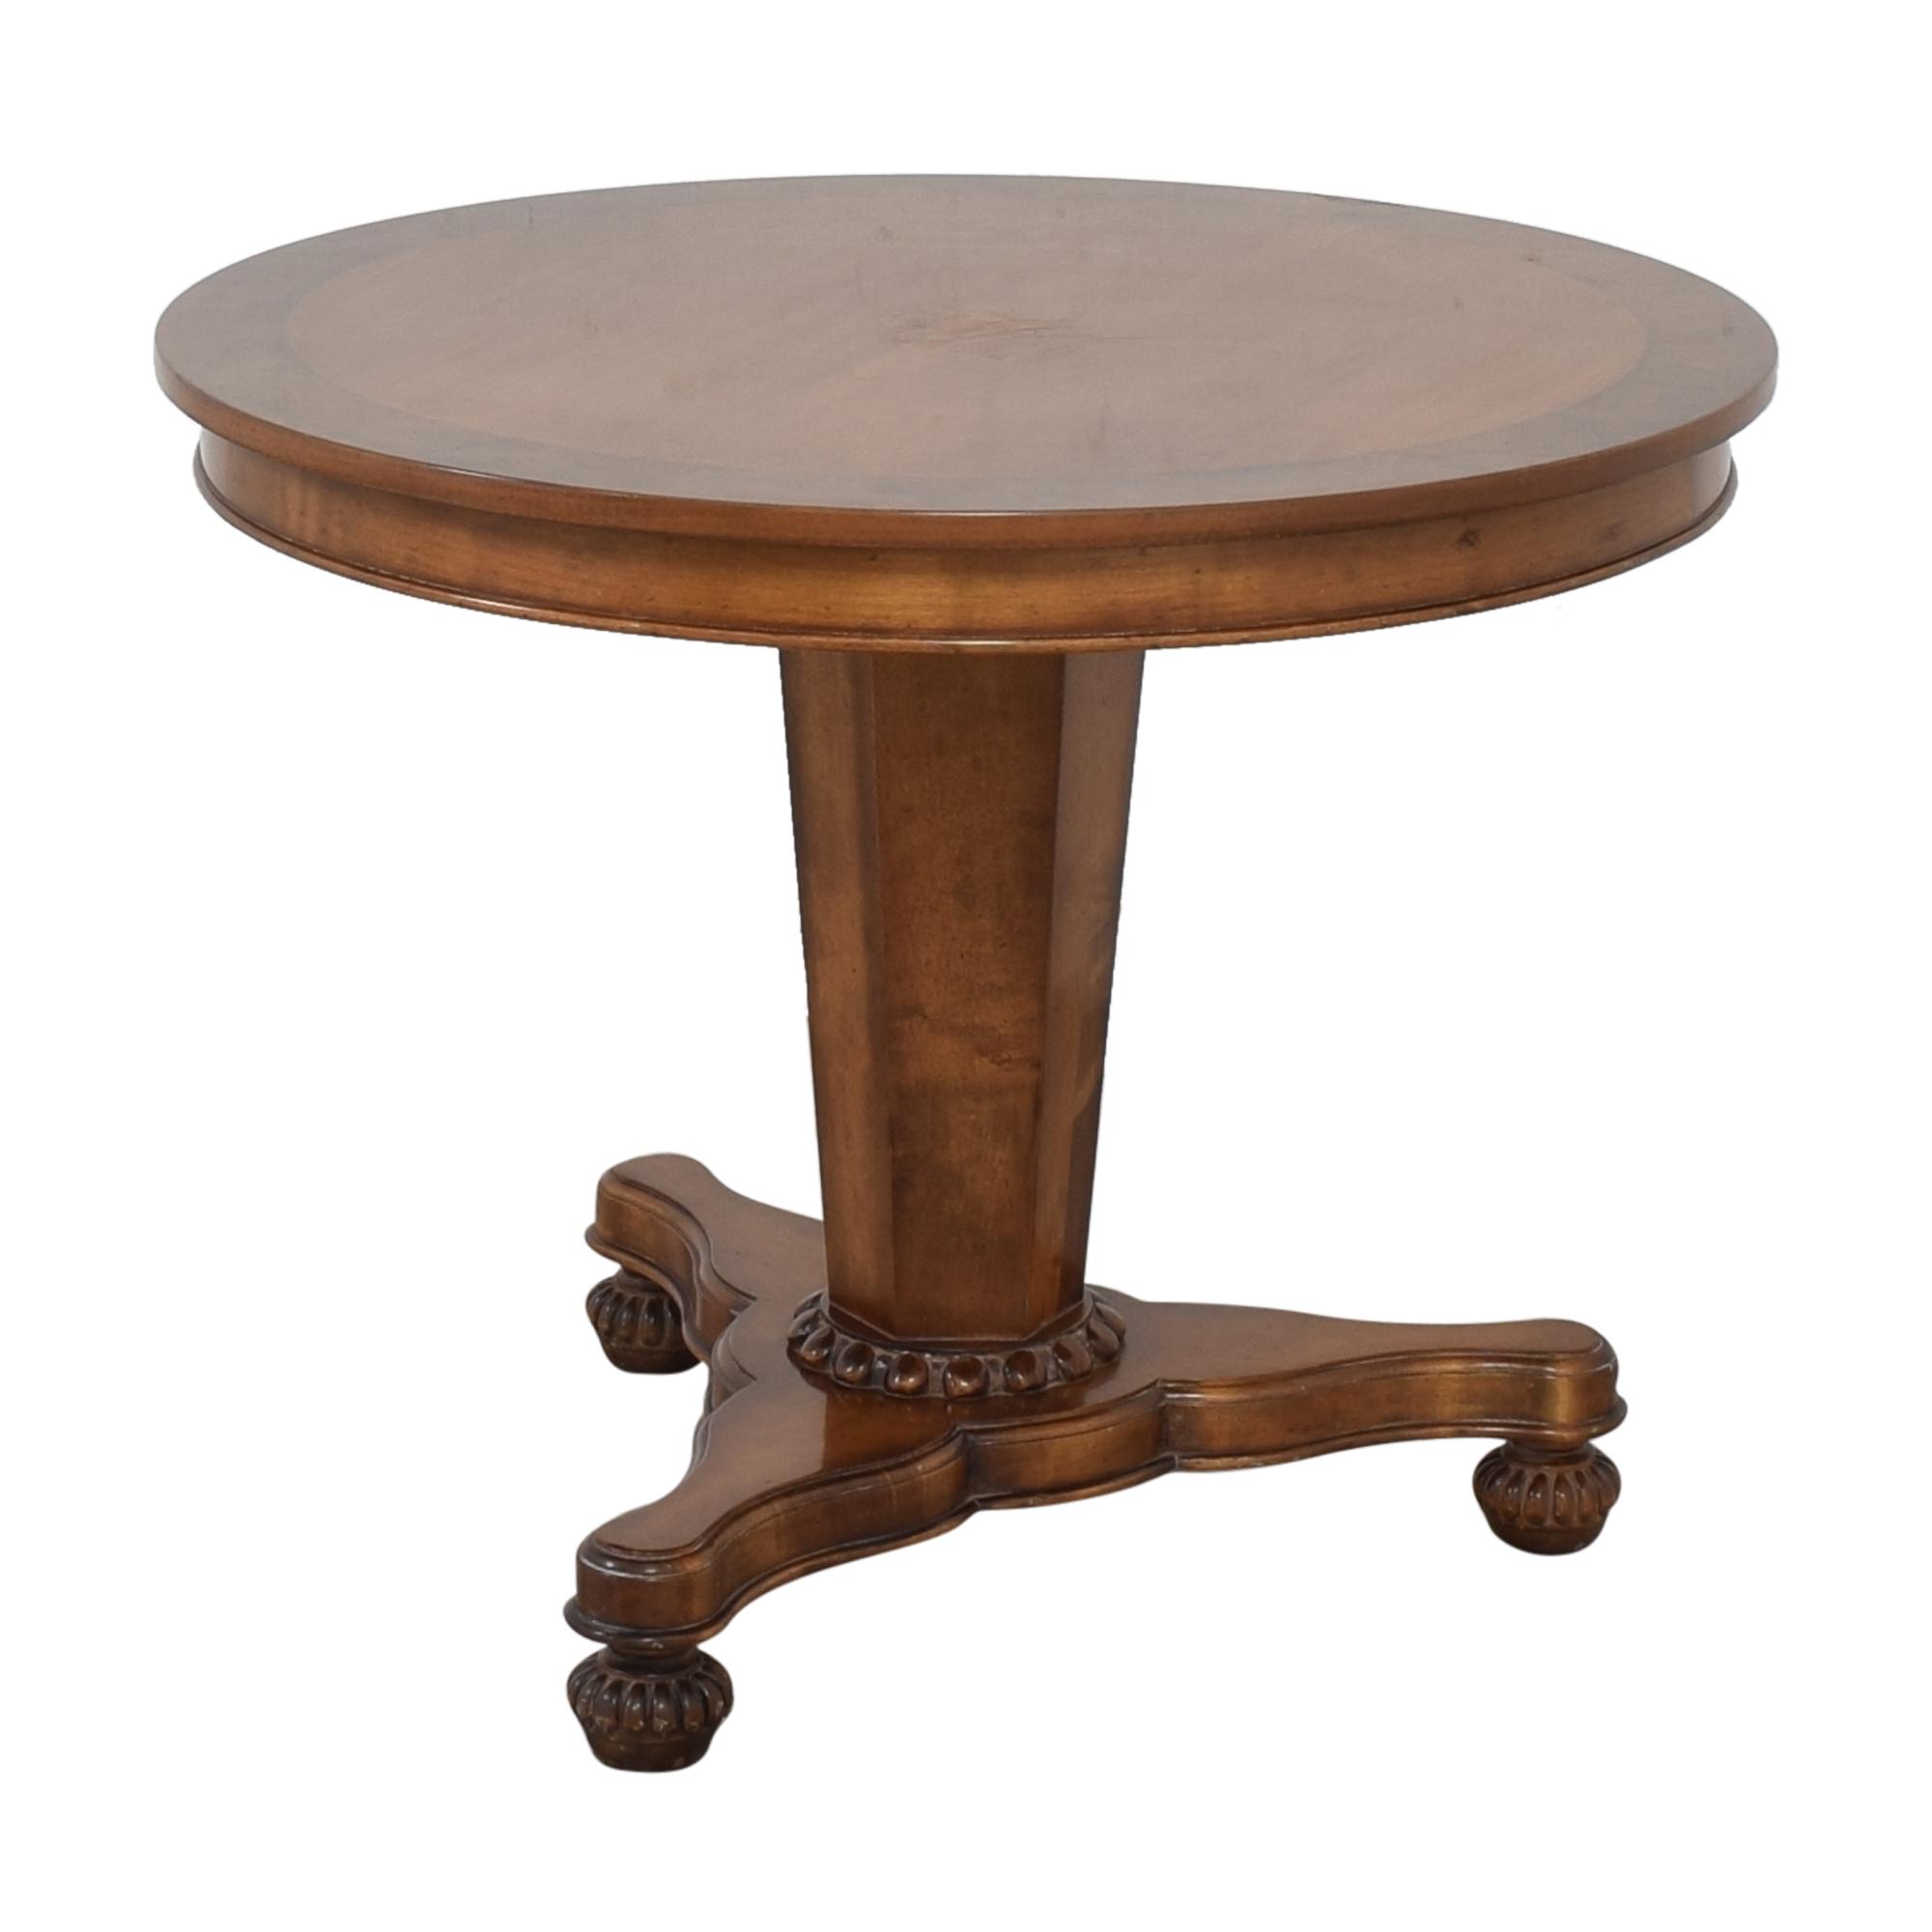 Baker Furniture Baker Furniture Milling Road Pedestal Table used